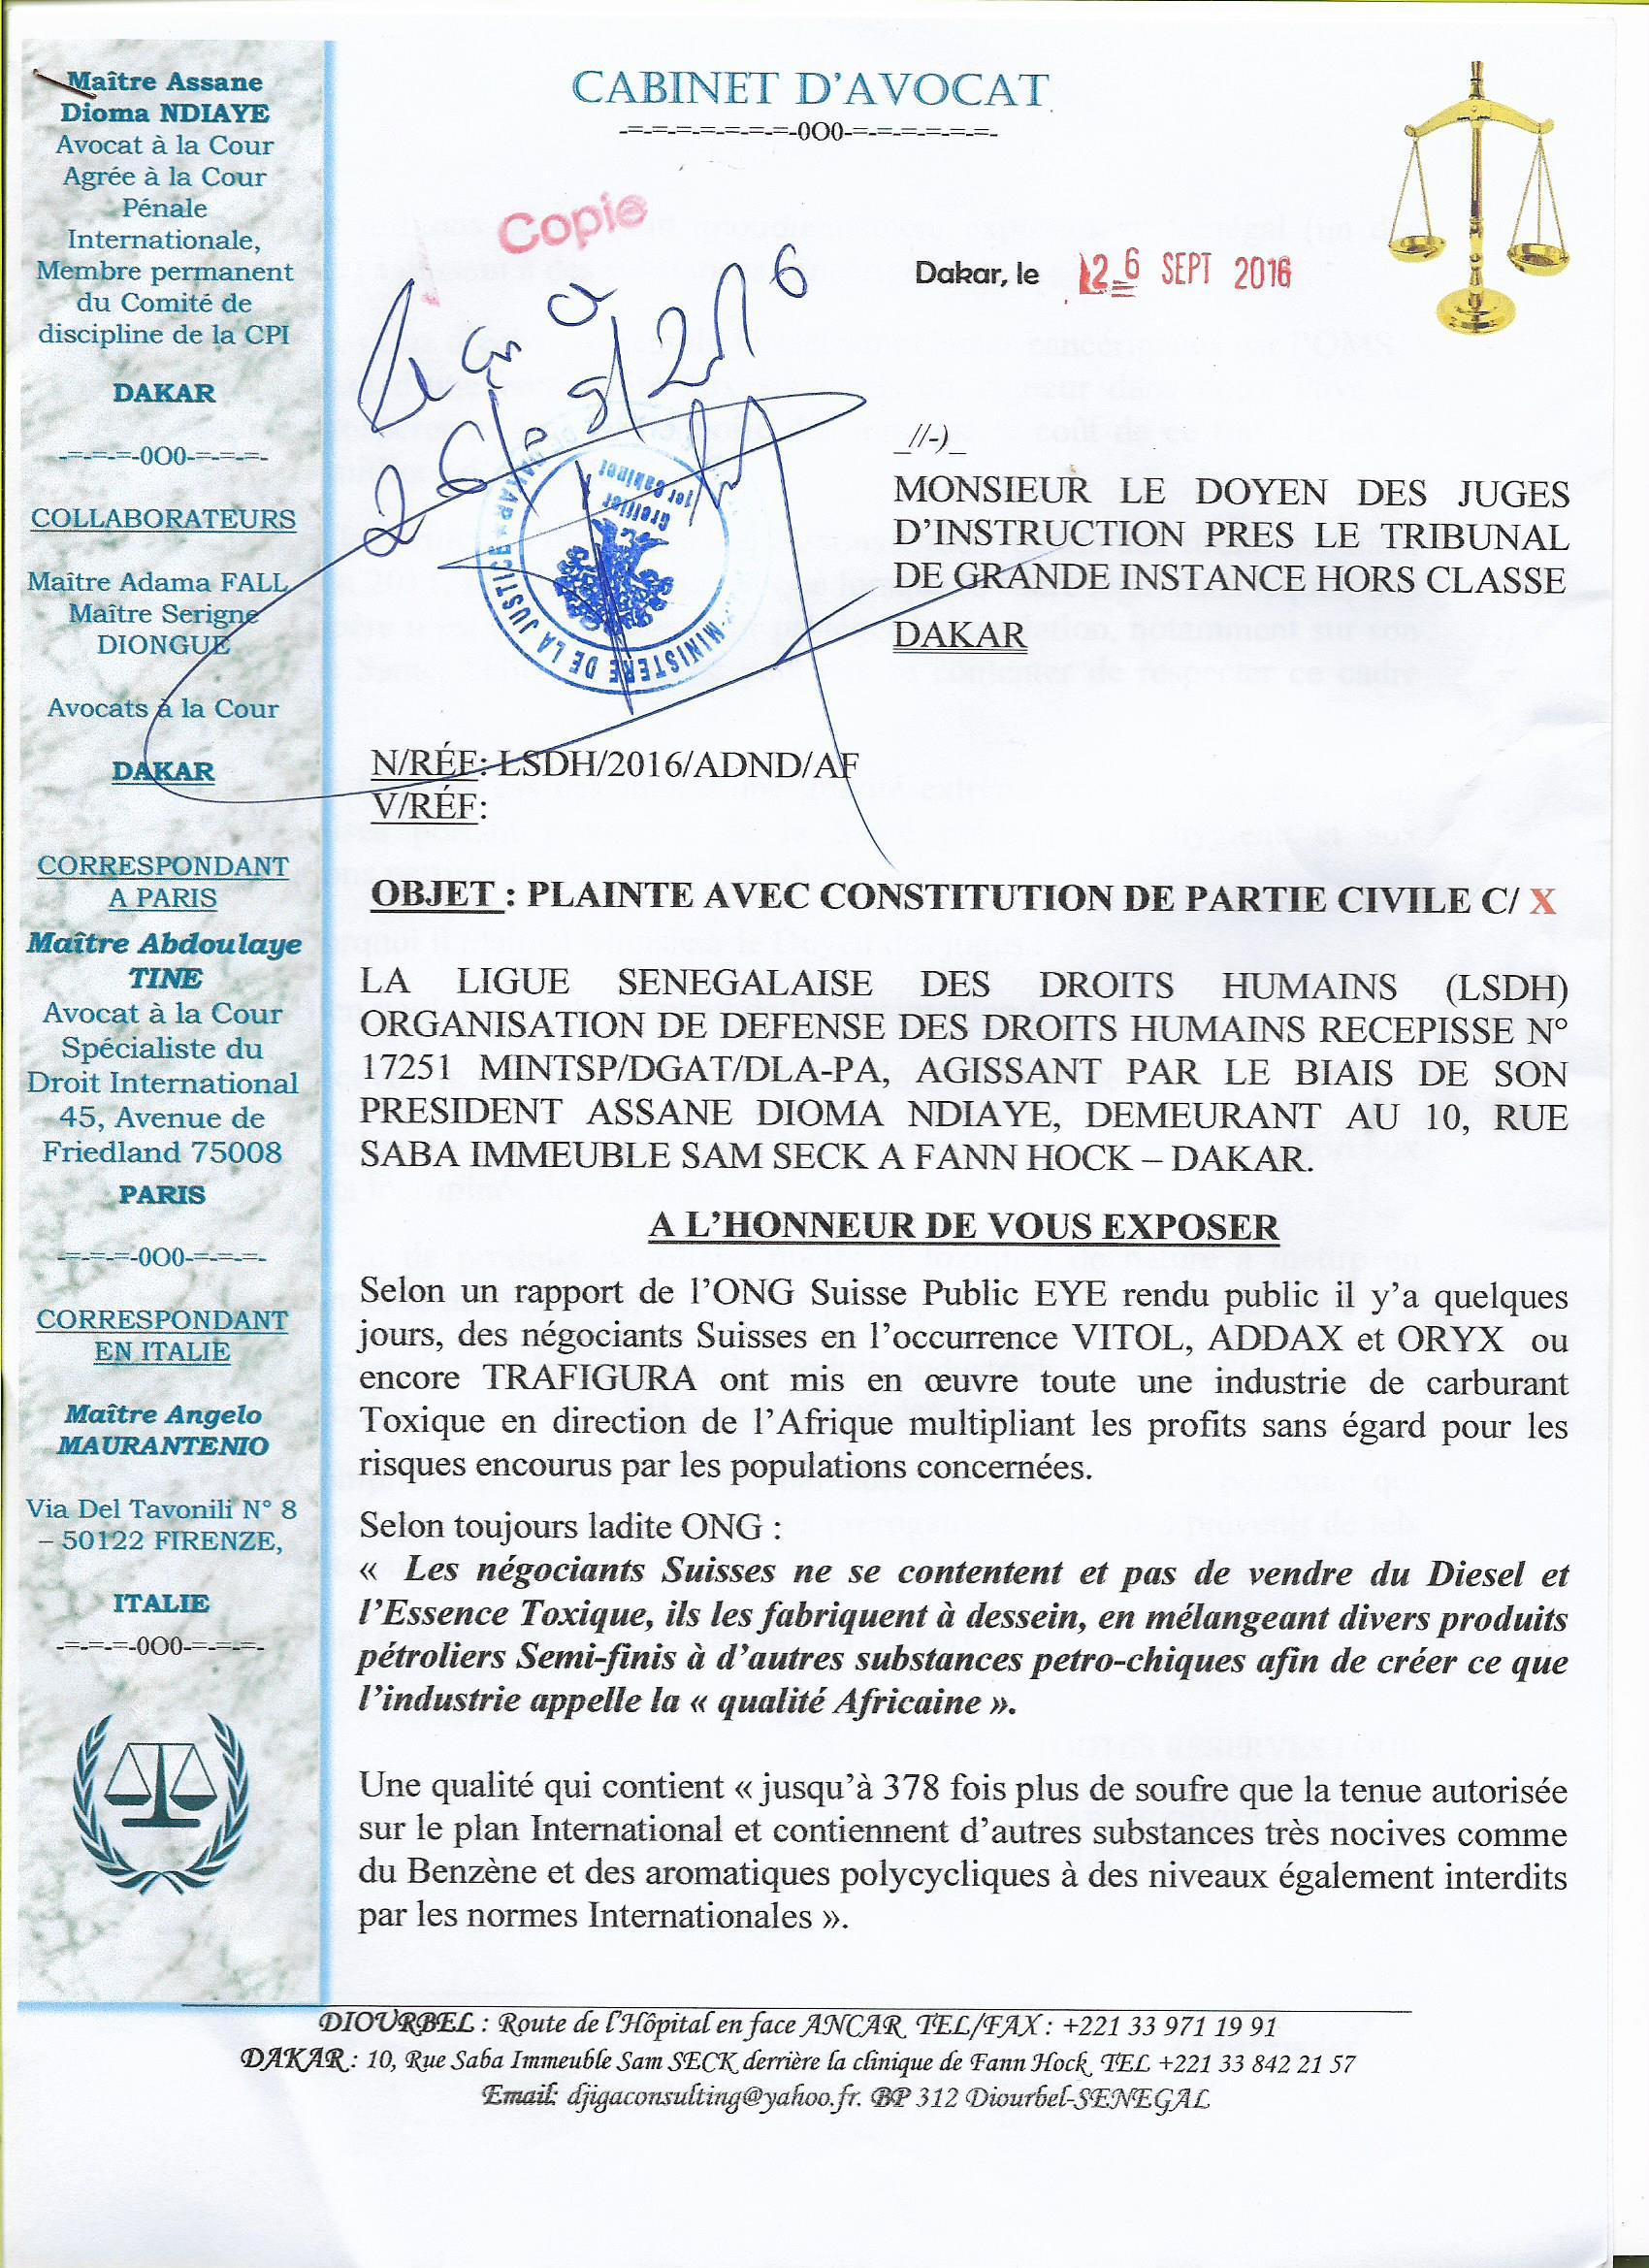 Rapport ONG Suisse Public EYE : la LSDH PORTE plainte avec constitution de partie civile